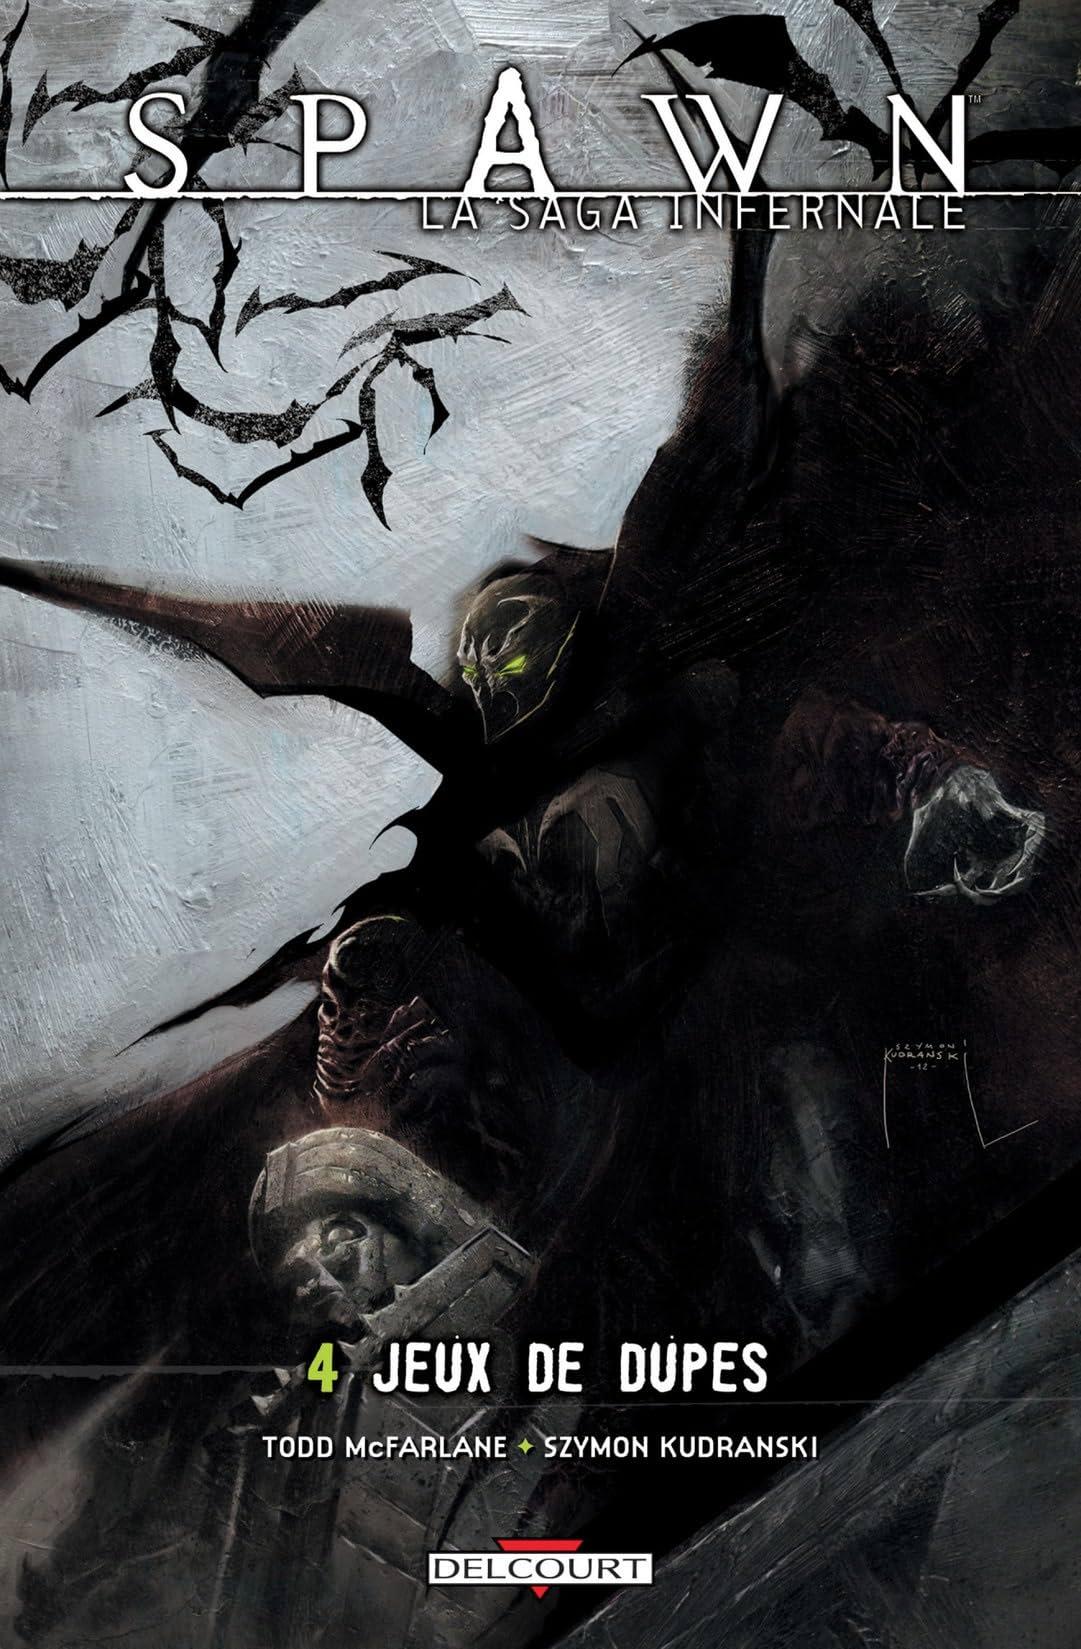 Spawn - La saga infernale Vol. 4: Jeux de dupes